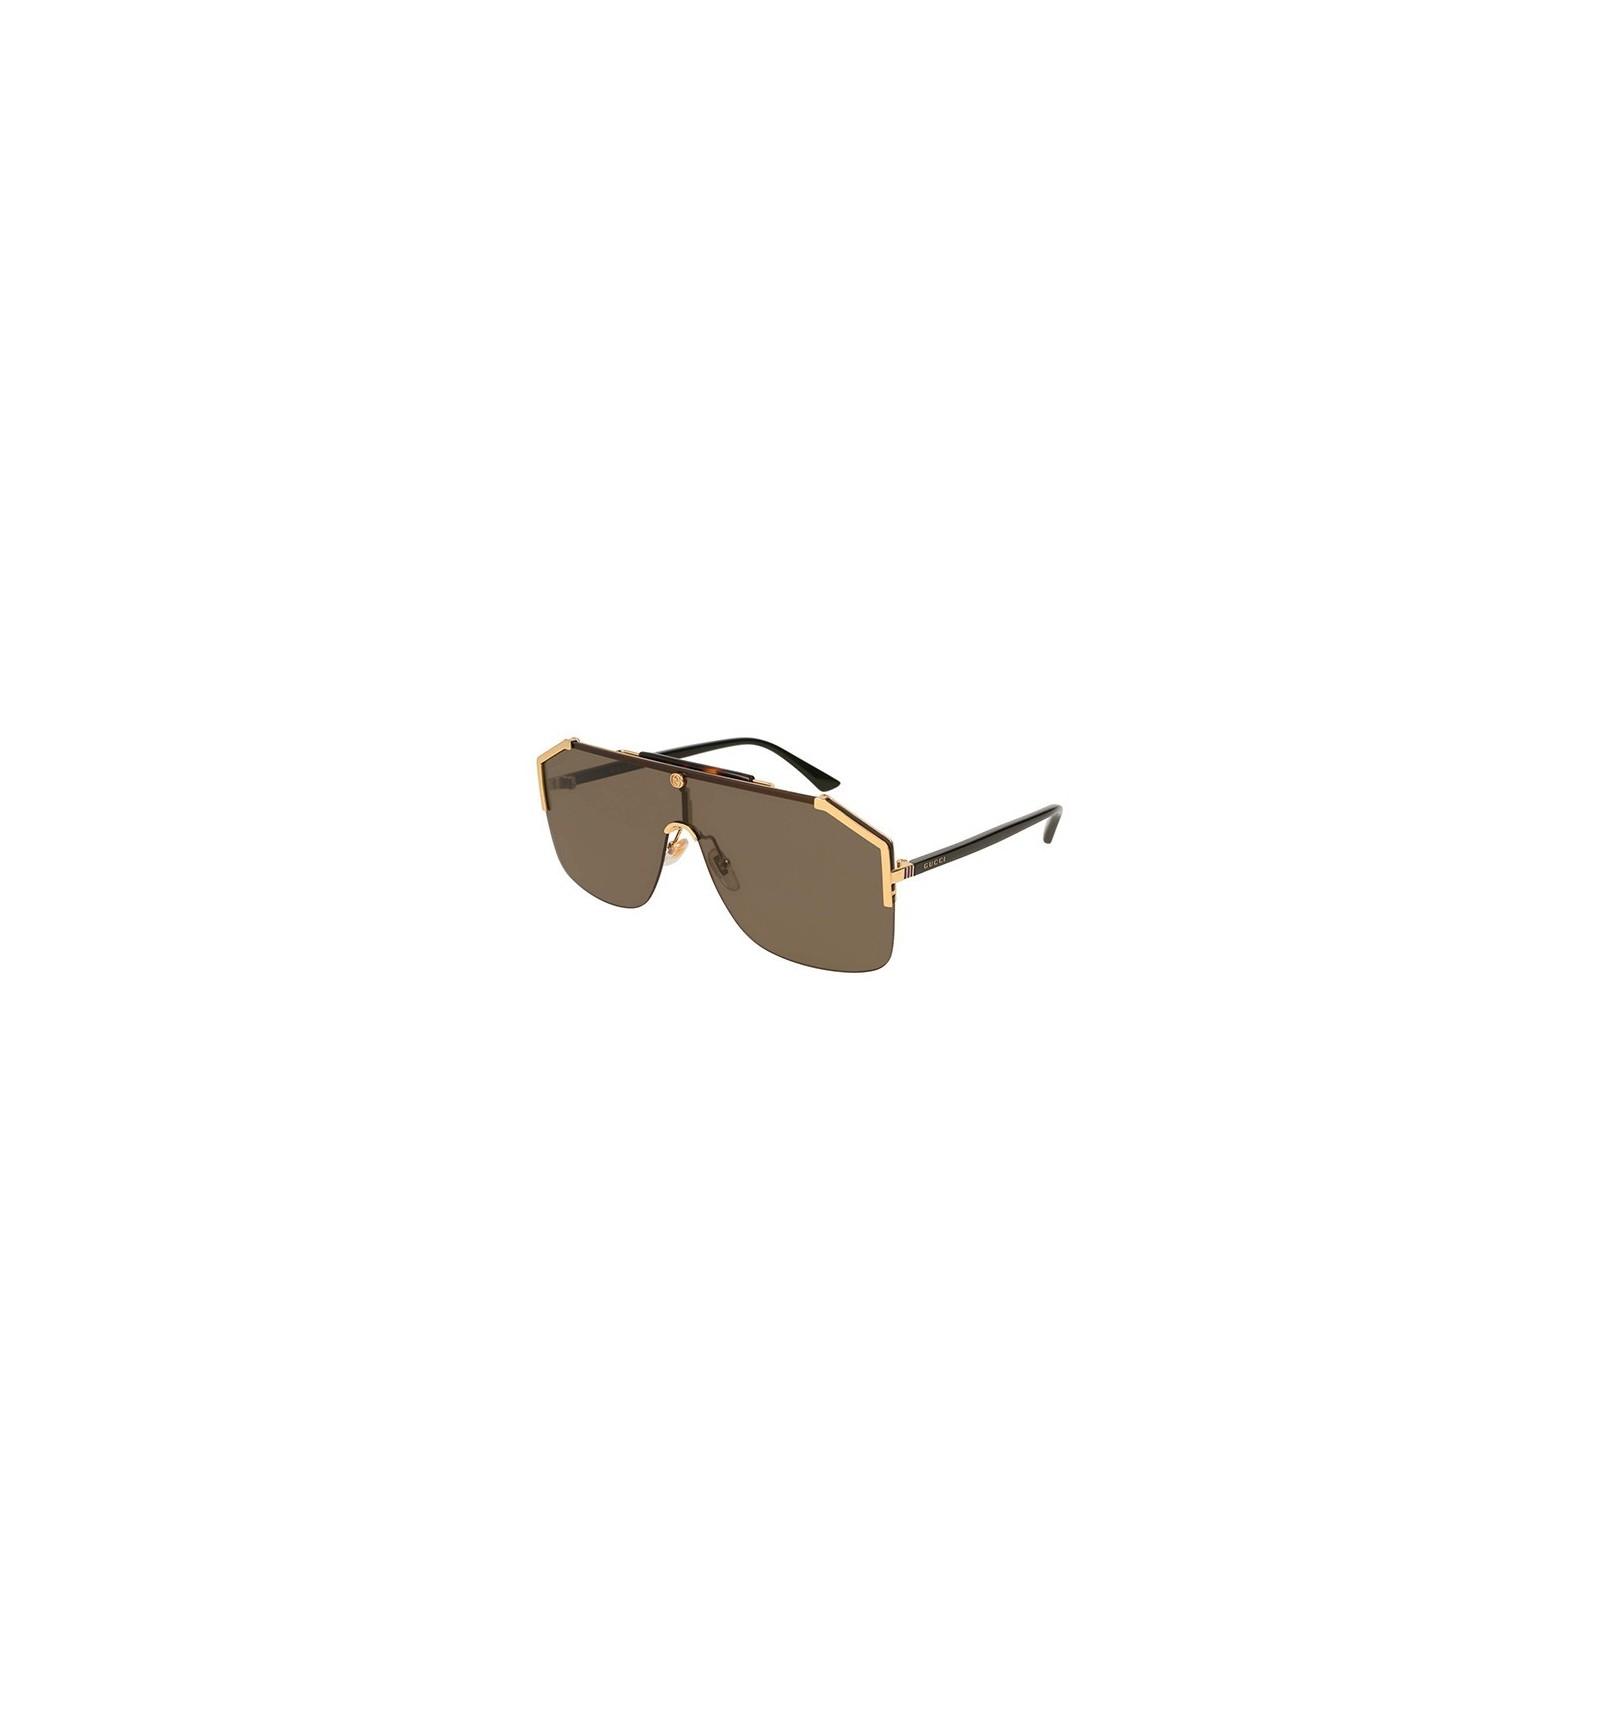 e53d2719200ef Gafas de sol gucci gold brown compra online envío gratis jpg 1600x1710  Lentes gucci